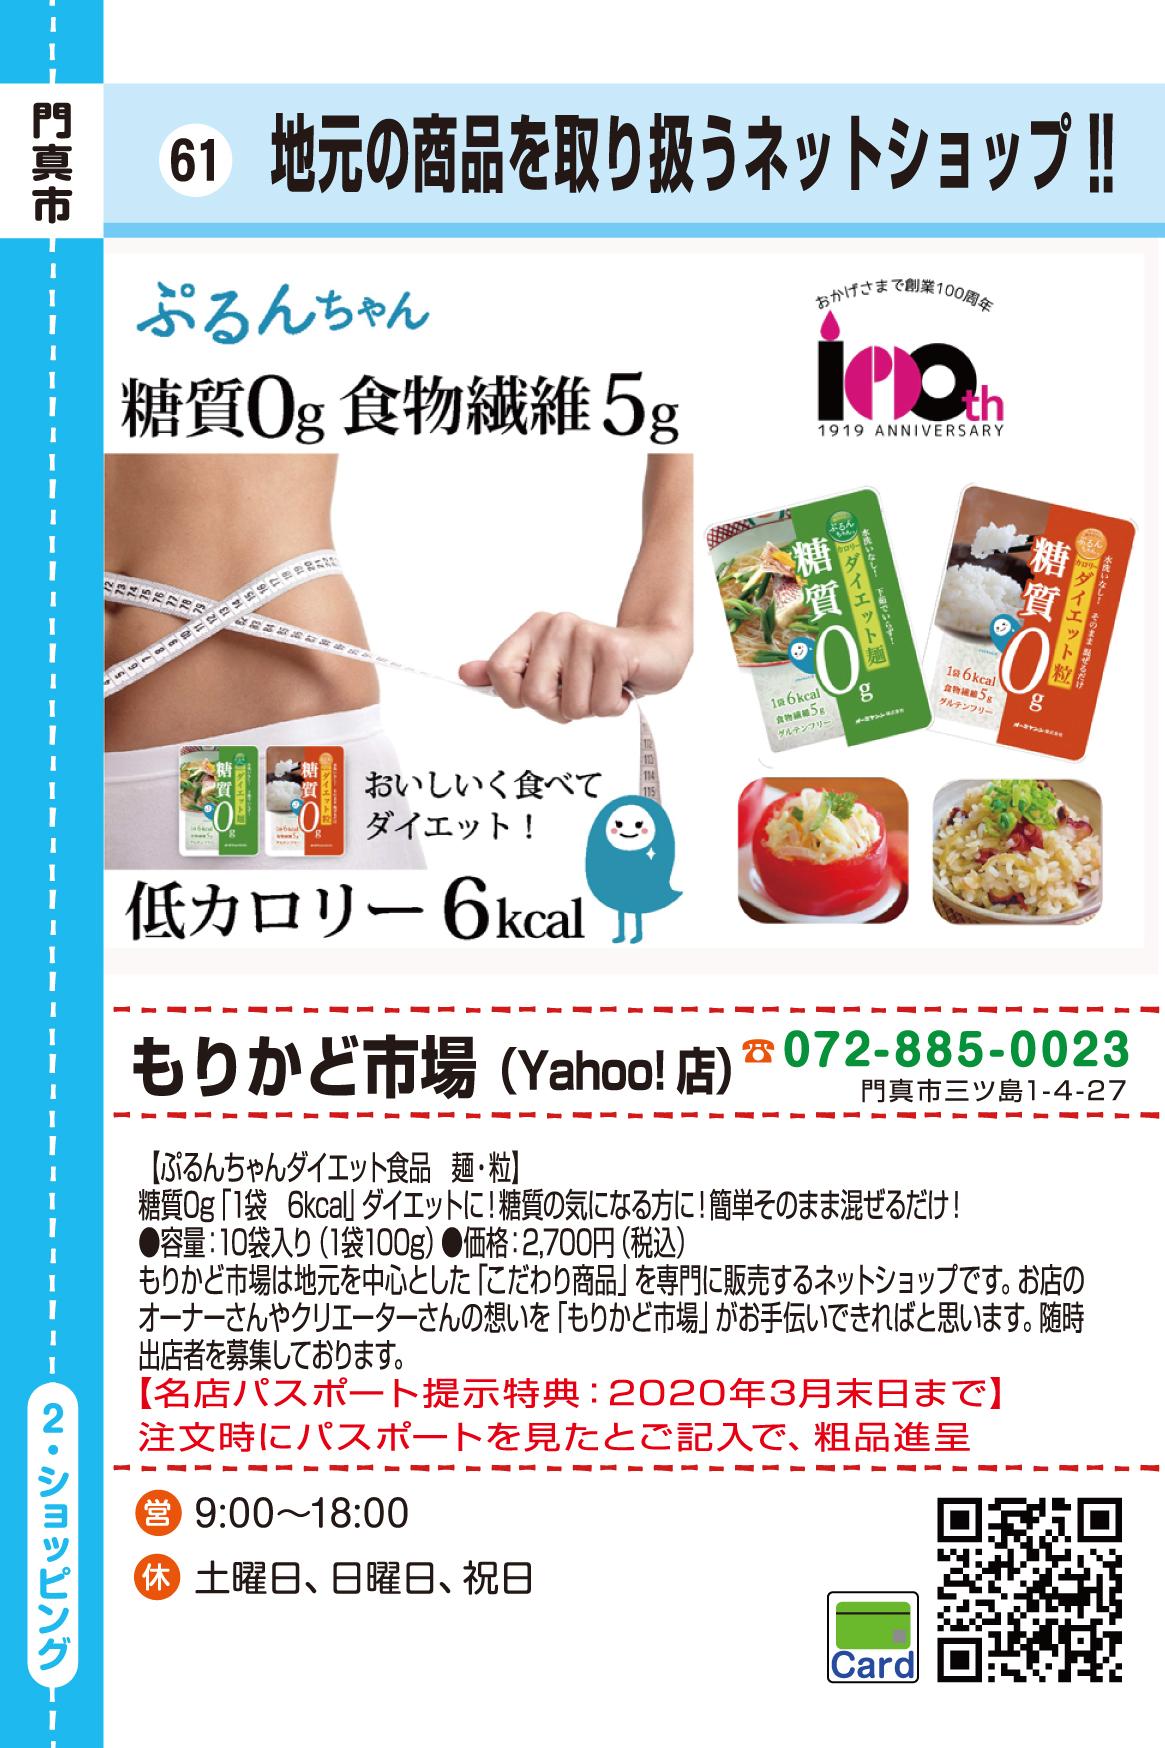 もりかど市場(Yahoo!店)